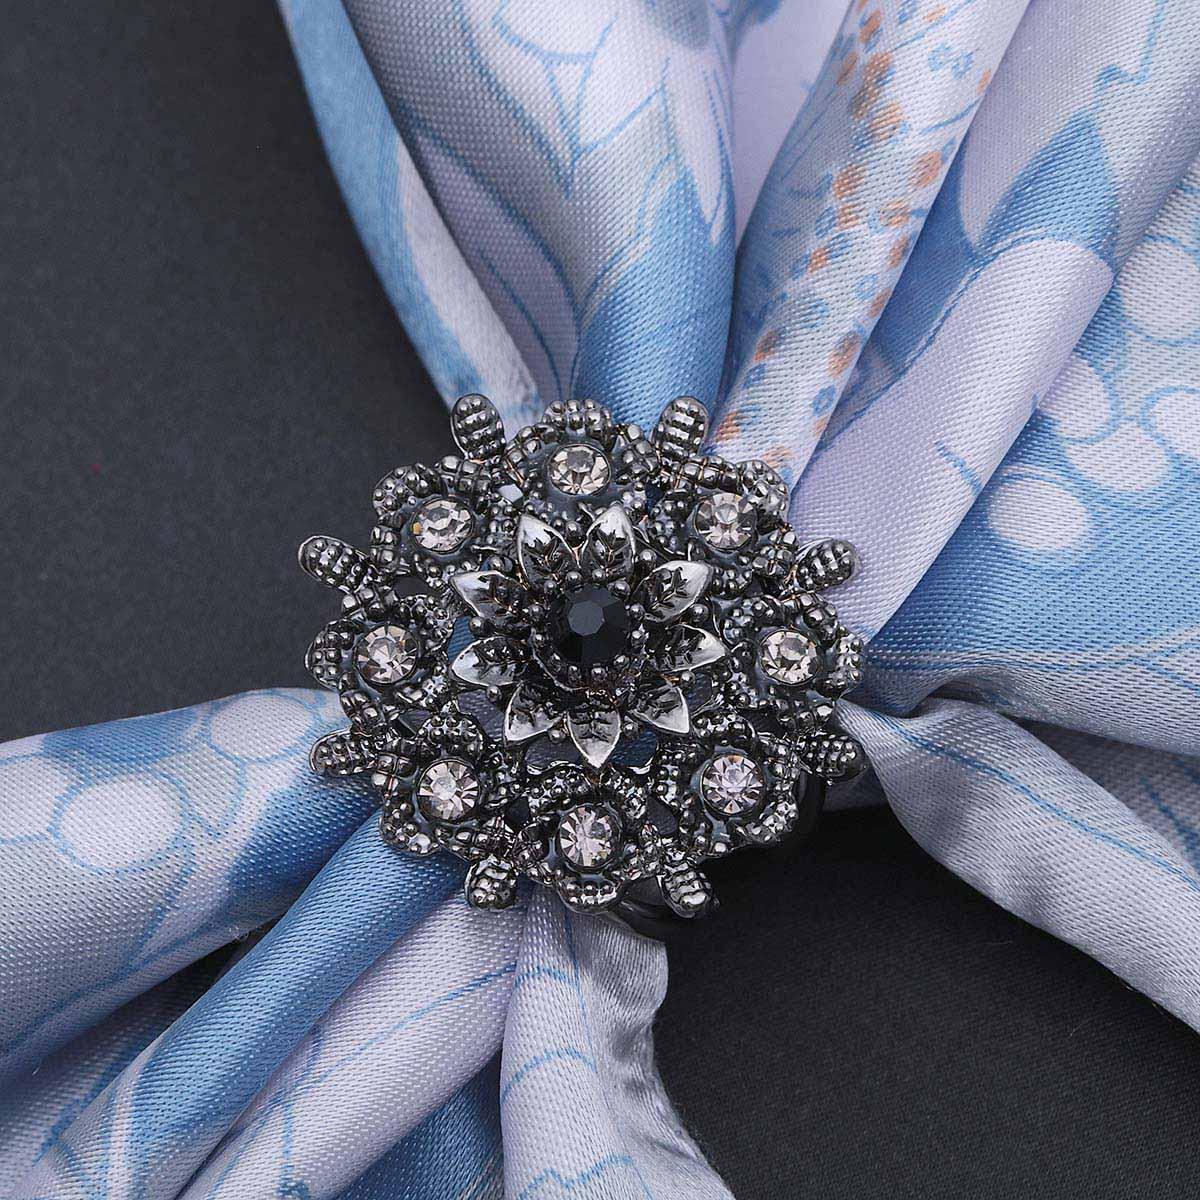 2522023 Кольцо для платка 'Искра', цвет серый в черненом серебре